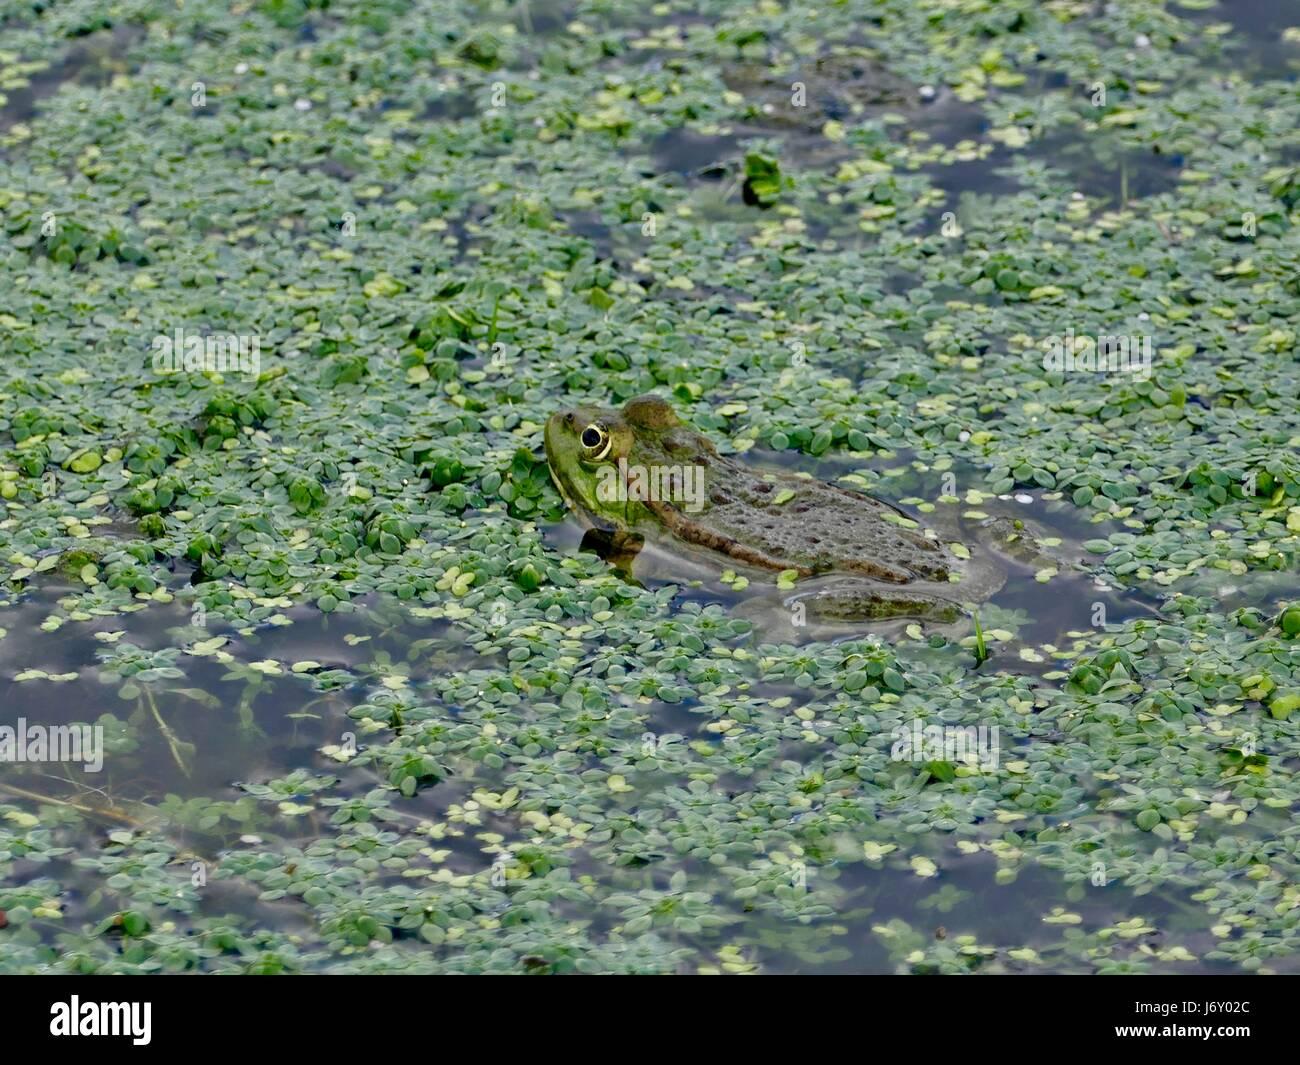 Grünen europäischen essbare Frosch, umgeben von Wasser und grüne Vegetation. Bayeux, Frankreich Stockbild